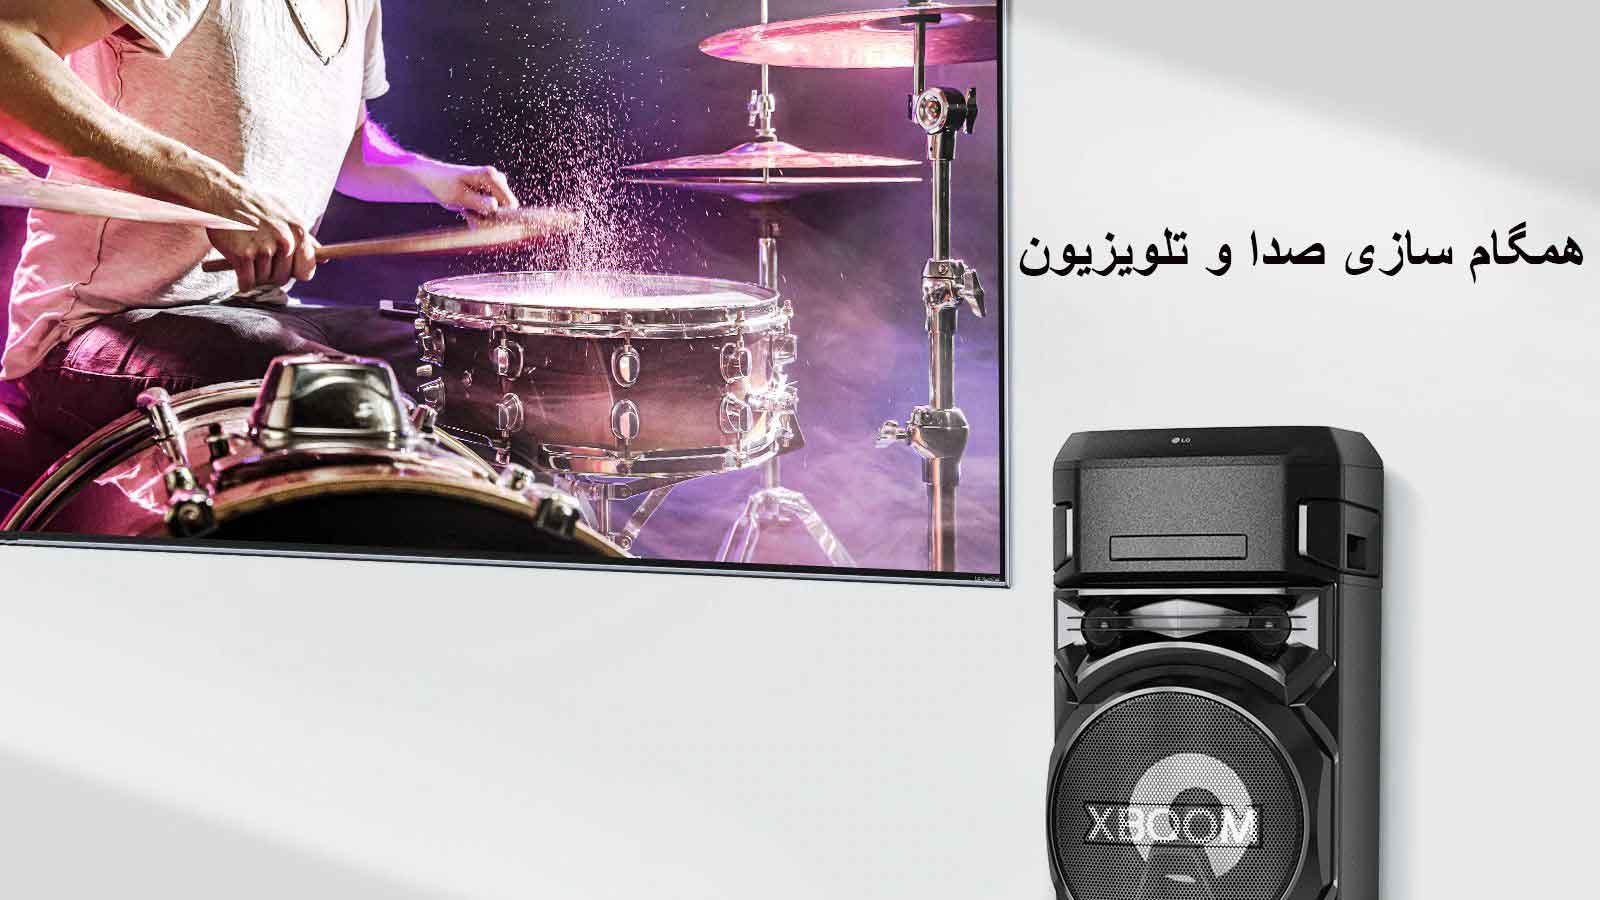 همگام سازی صدا و تلویزیون سیستم صوتی ال جی xboom on5